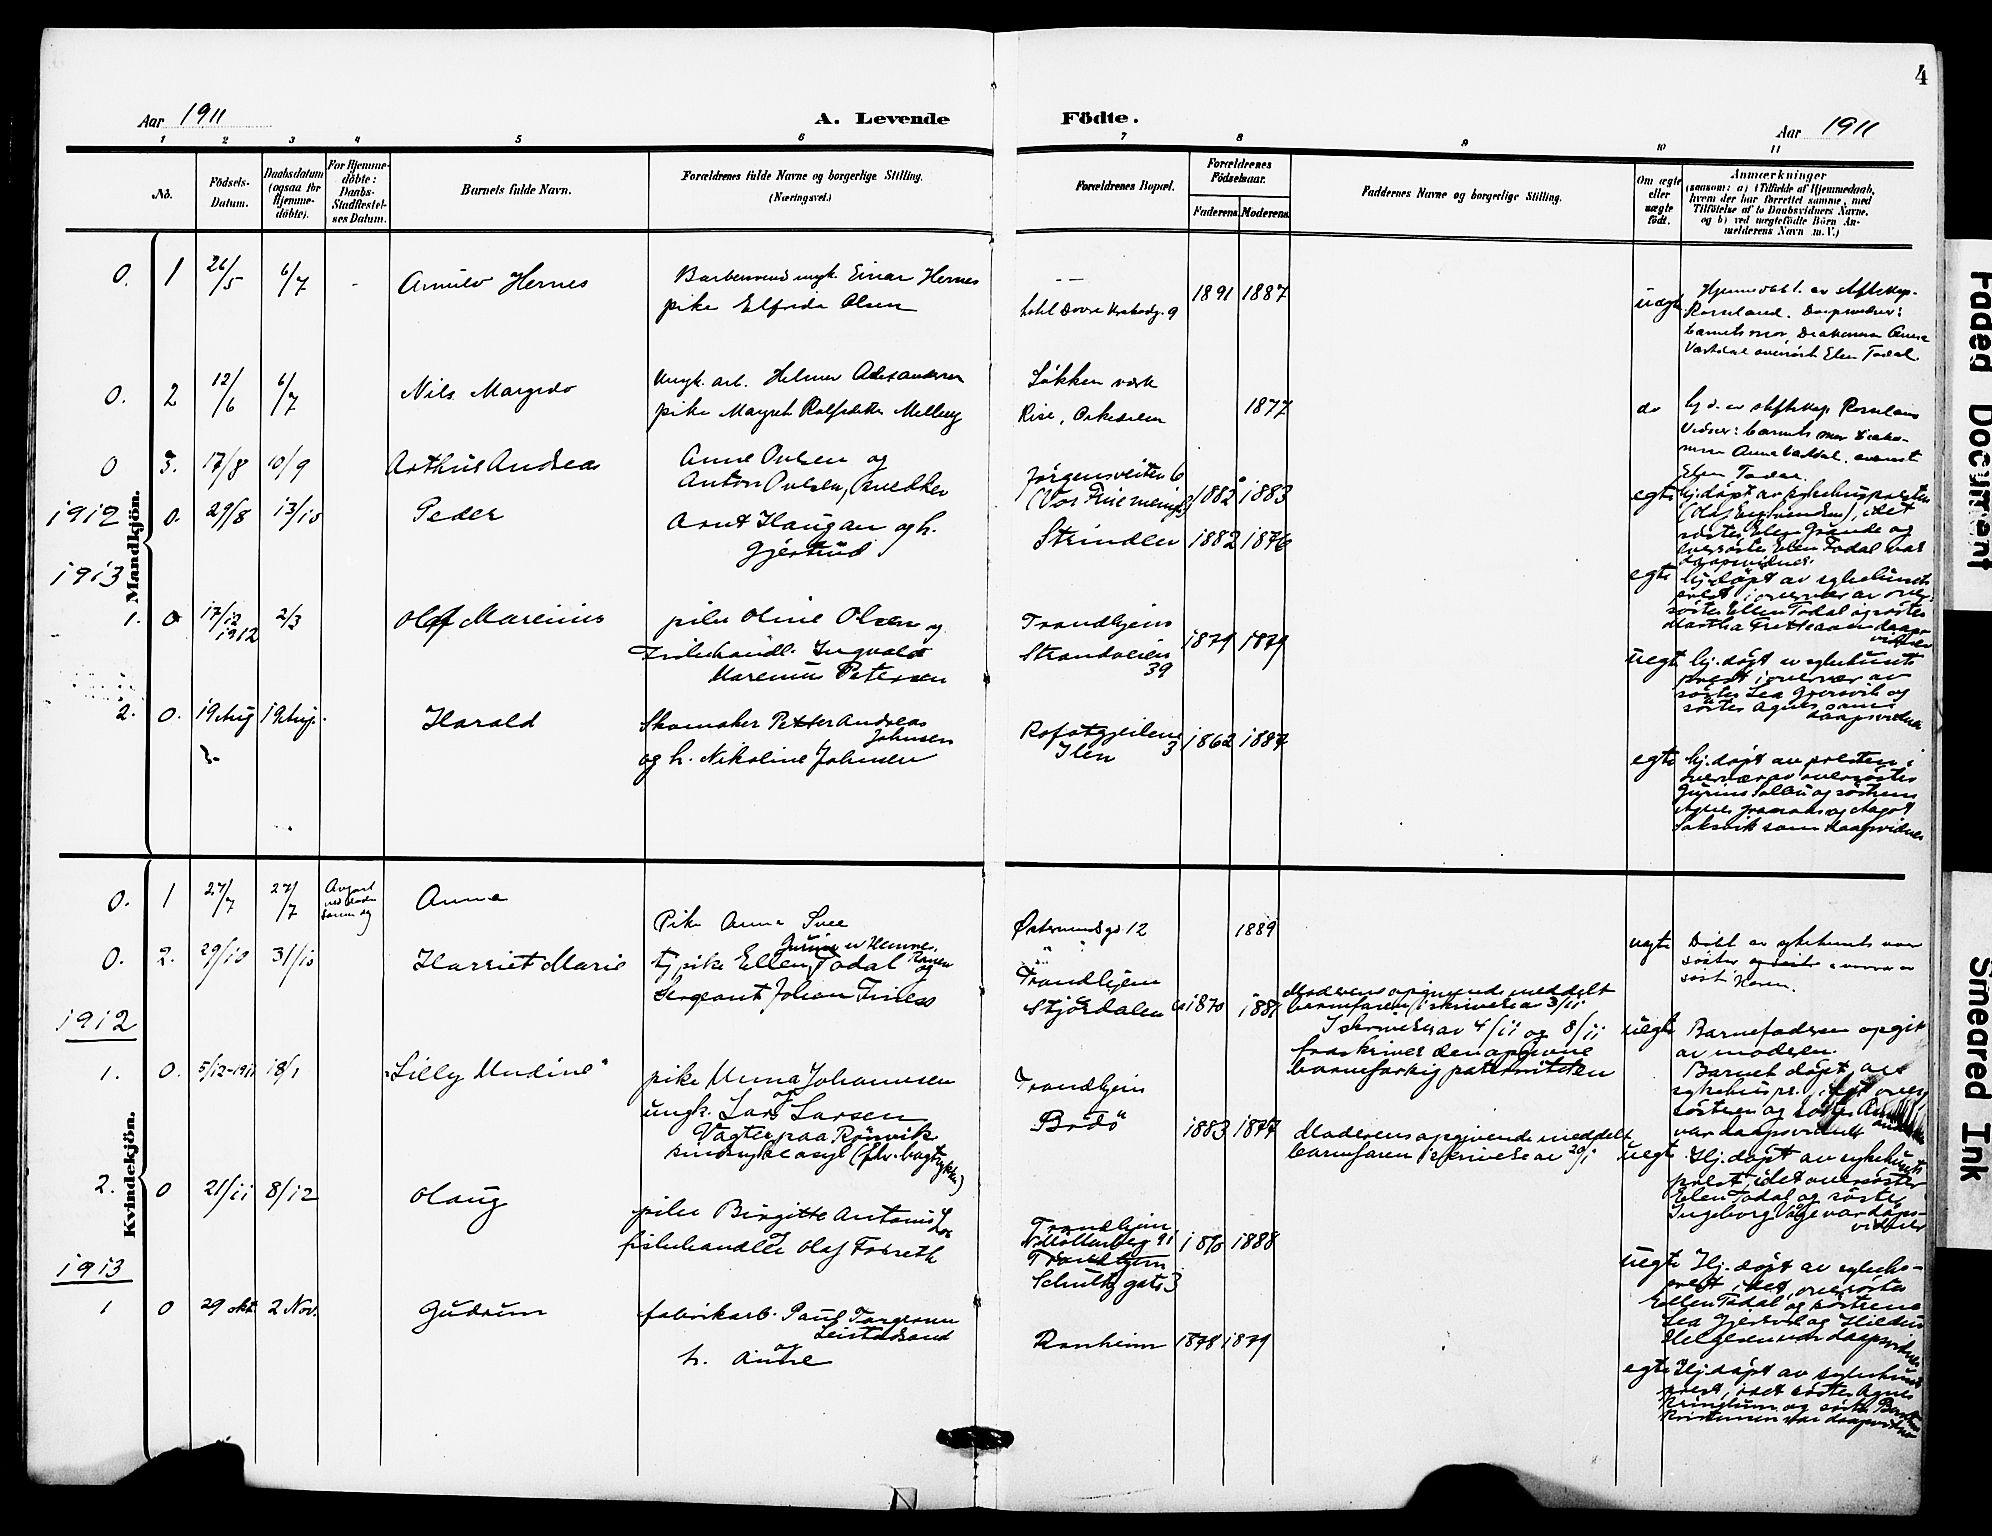 SAT, Ministerialprotokoller, klokkerbøker og fødselsregistre - Sør-Trøndelag, 628/L0483: Ministerialbok nr. 628A01, 1902-1920, s. 4